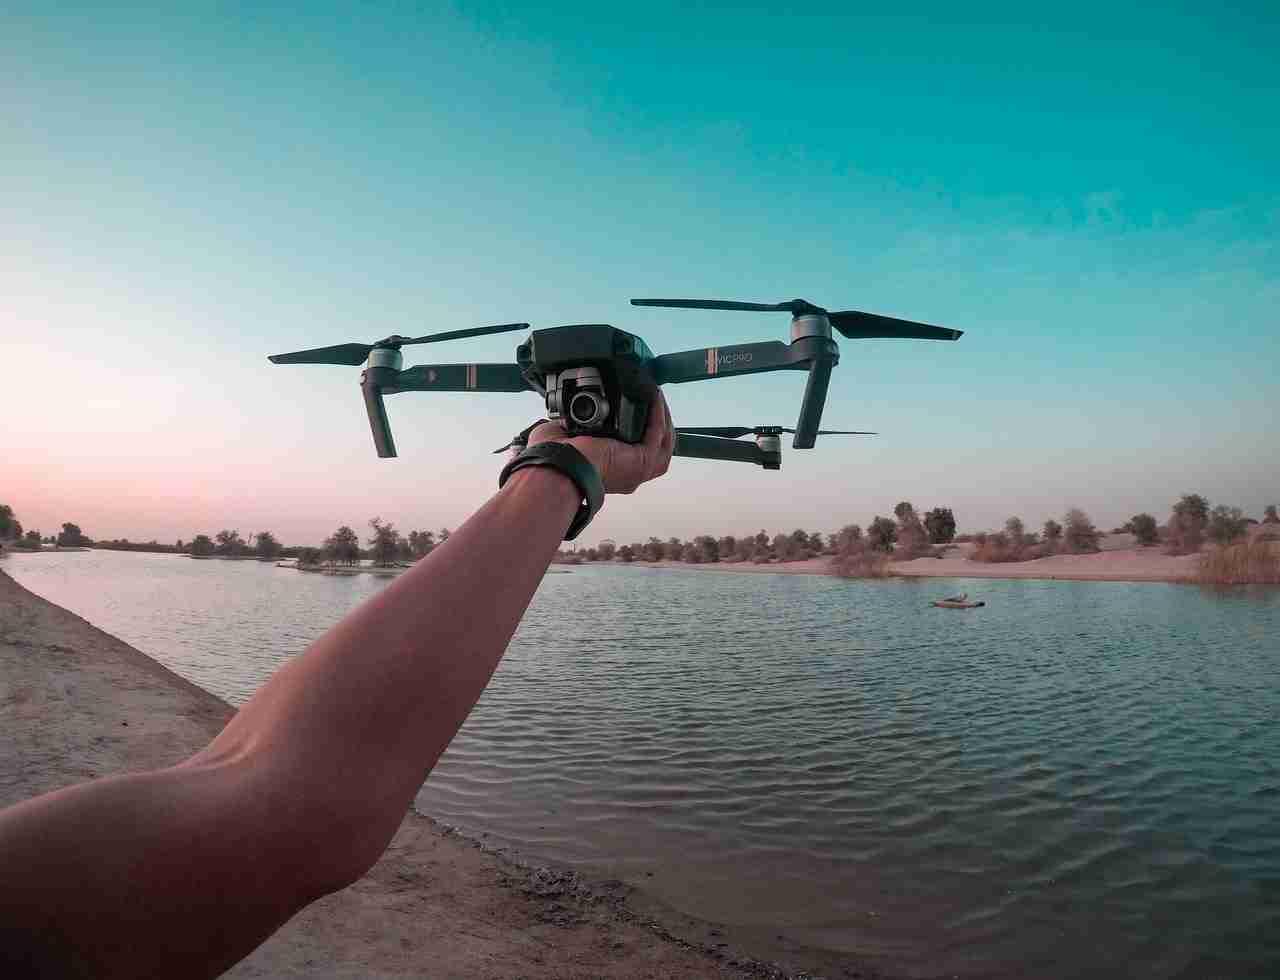 Drohne fliegen Vorschriften